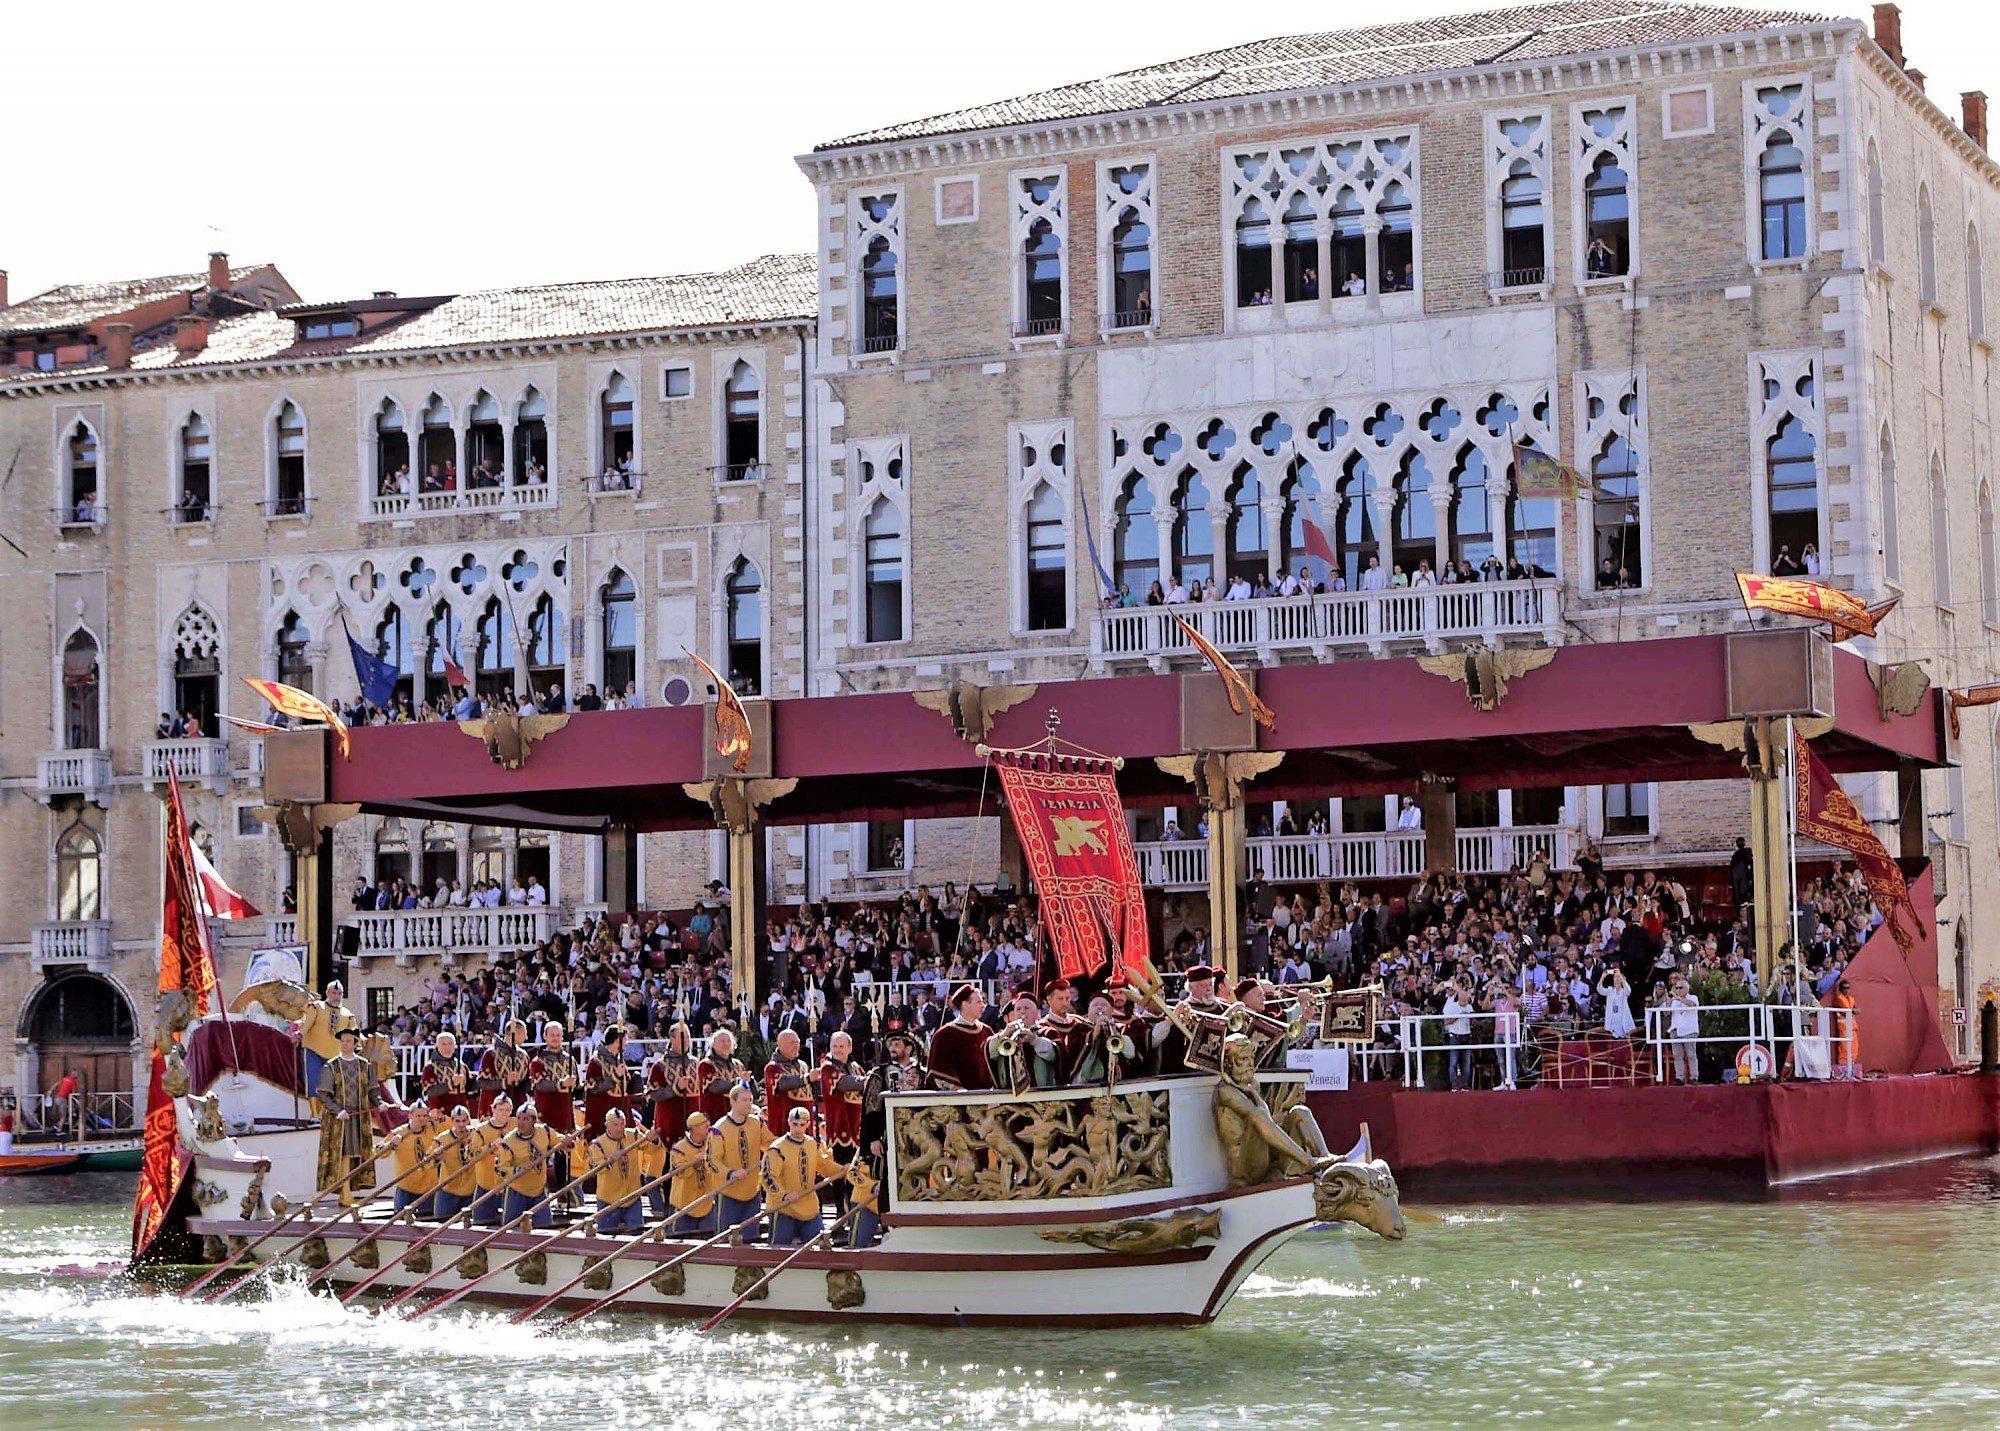 Visitare Venezia per la regata storica - Nuovi Turismi